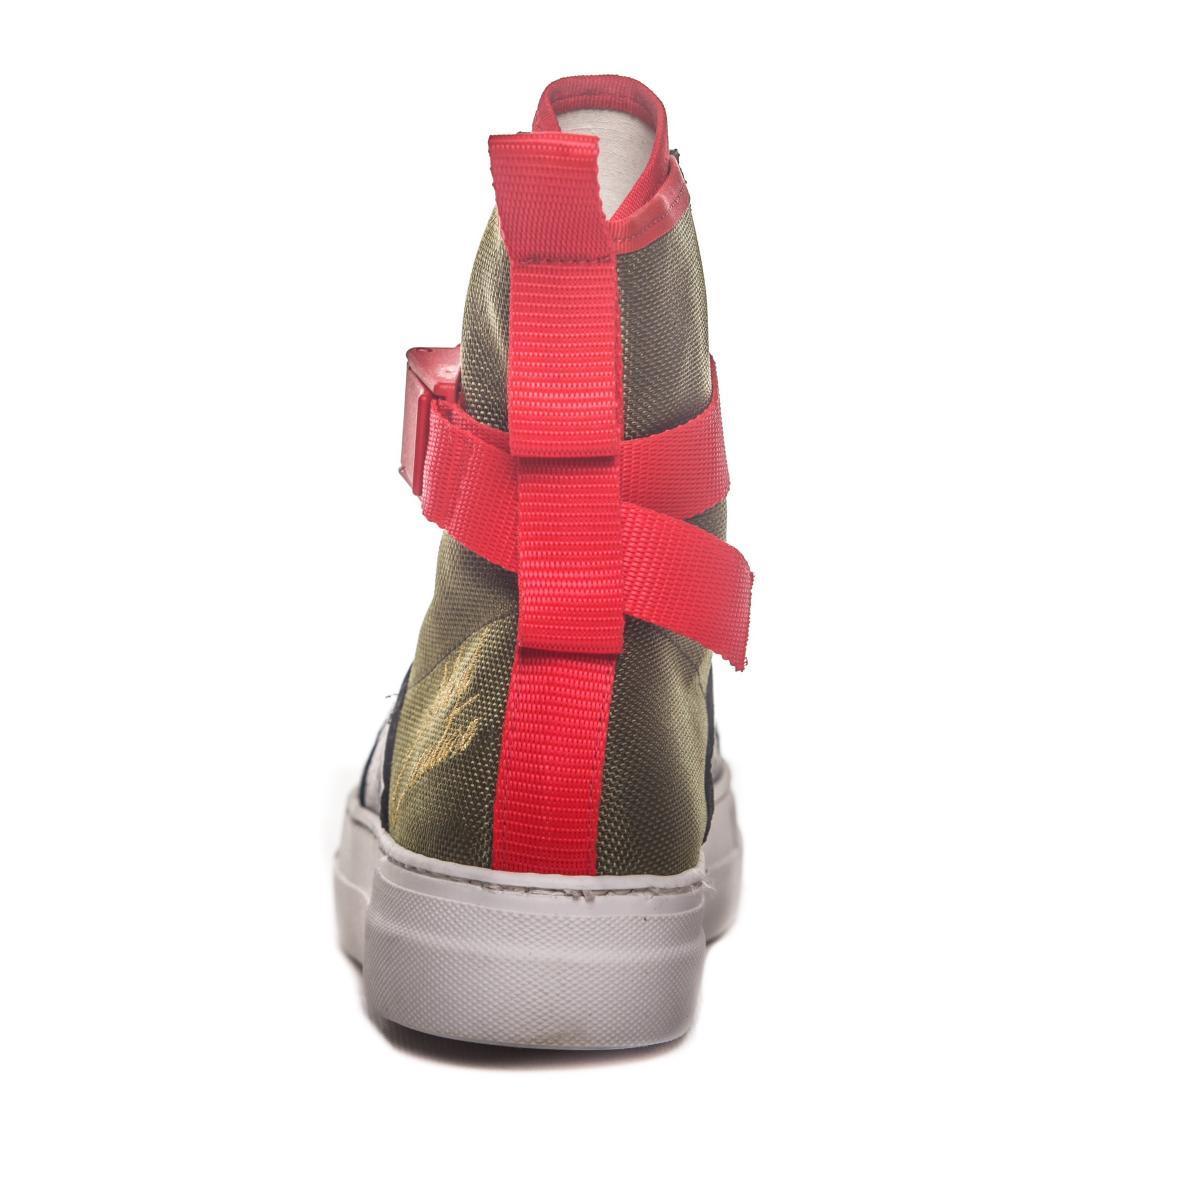 Scarpe Sneakers MINIMAL alte a stivaletto da uomo rif. SHU01